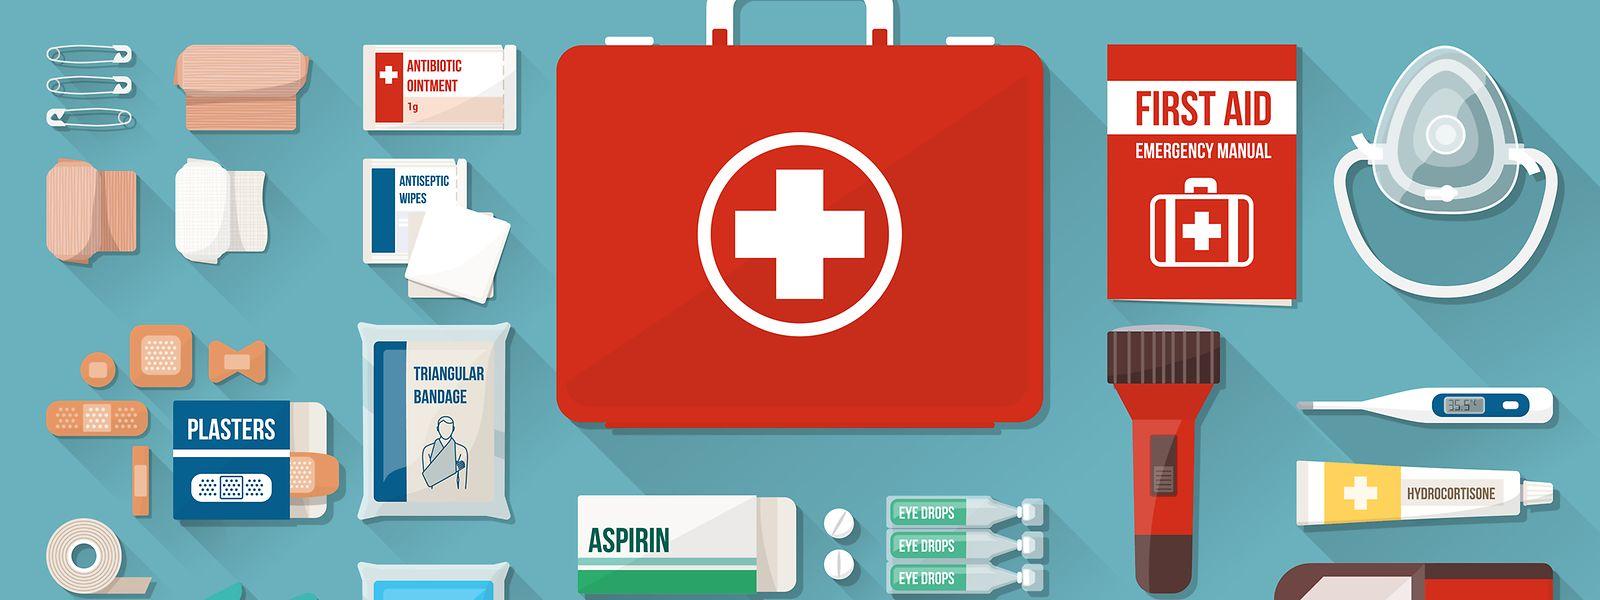 Urlaub schützt vor Krankheit nicht: Wer die richtige Auswahl an Medikamenten und Utensilien auf Reisen mit sich führt, dem bleiben einige zusätzliche Probleme erspart.